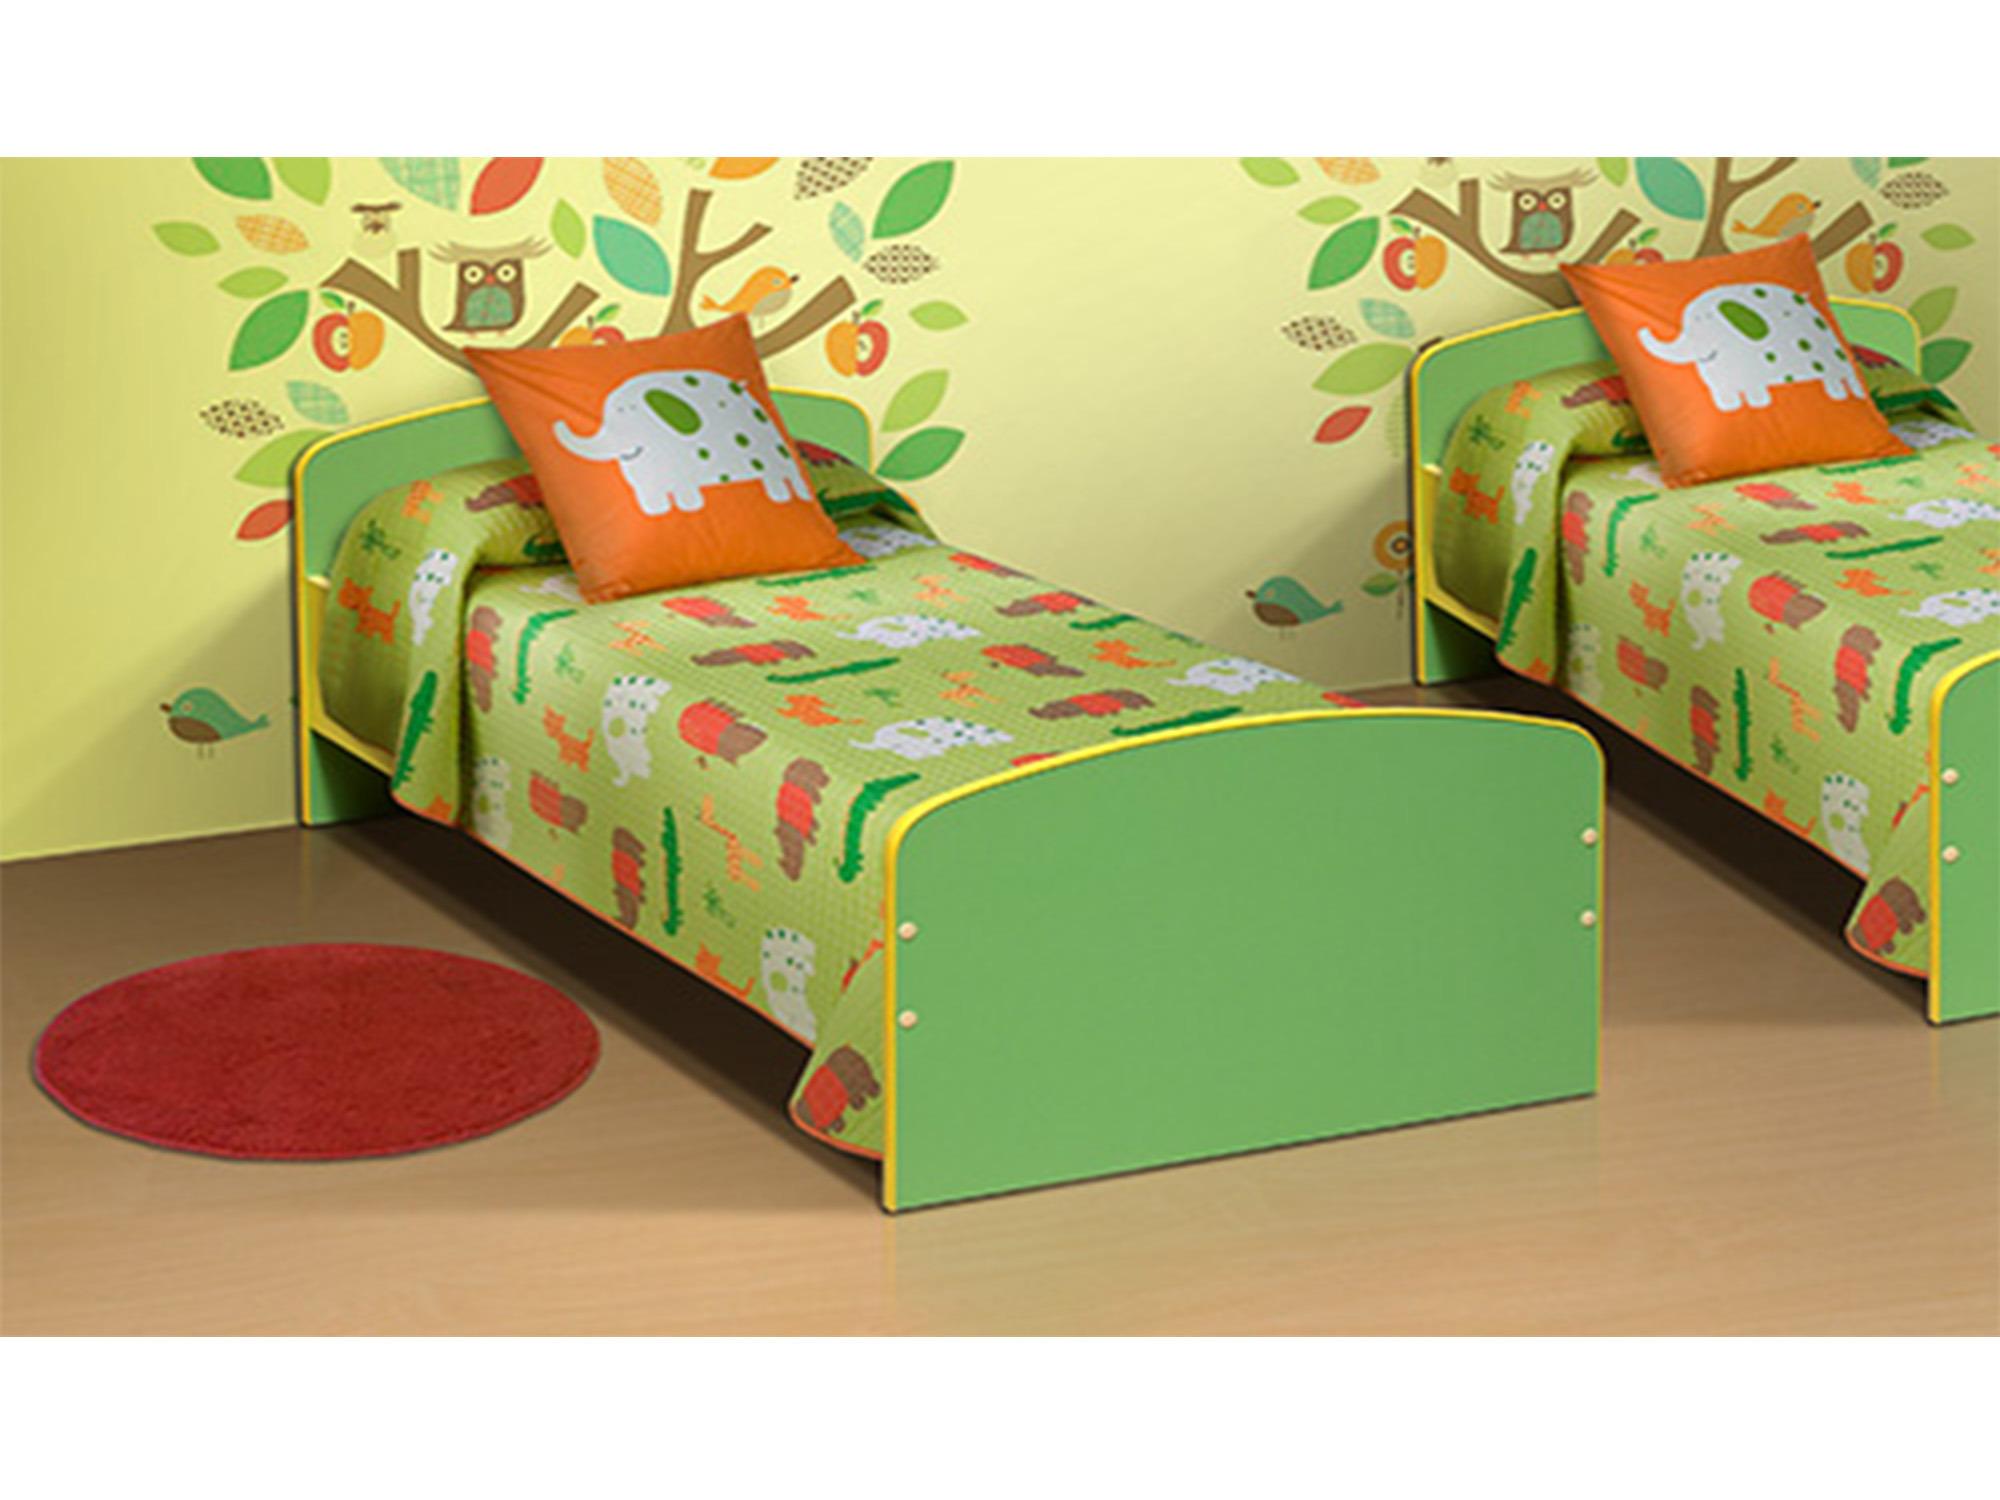 Кровать одноместнаяДетские кровати<br><br><br>Длина мм: 640<br>Высота мм: 500<br>Глубина мм: 1432